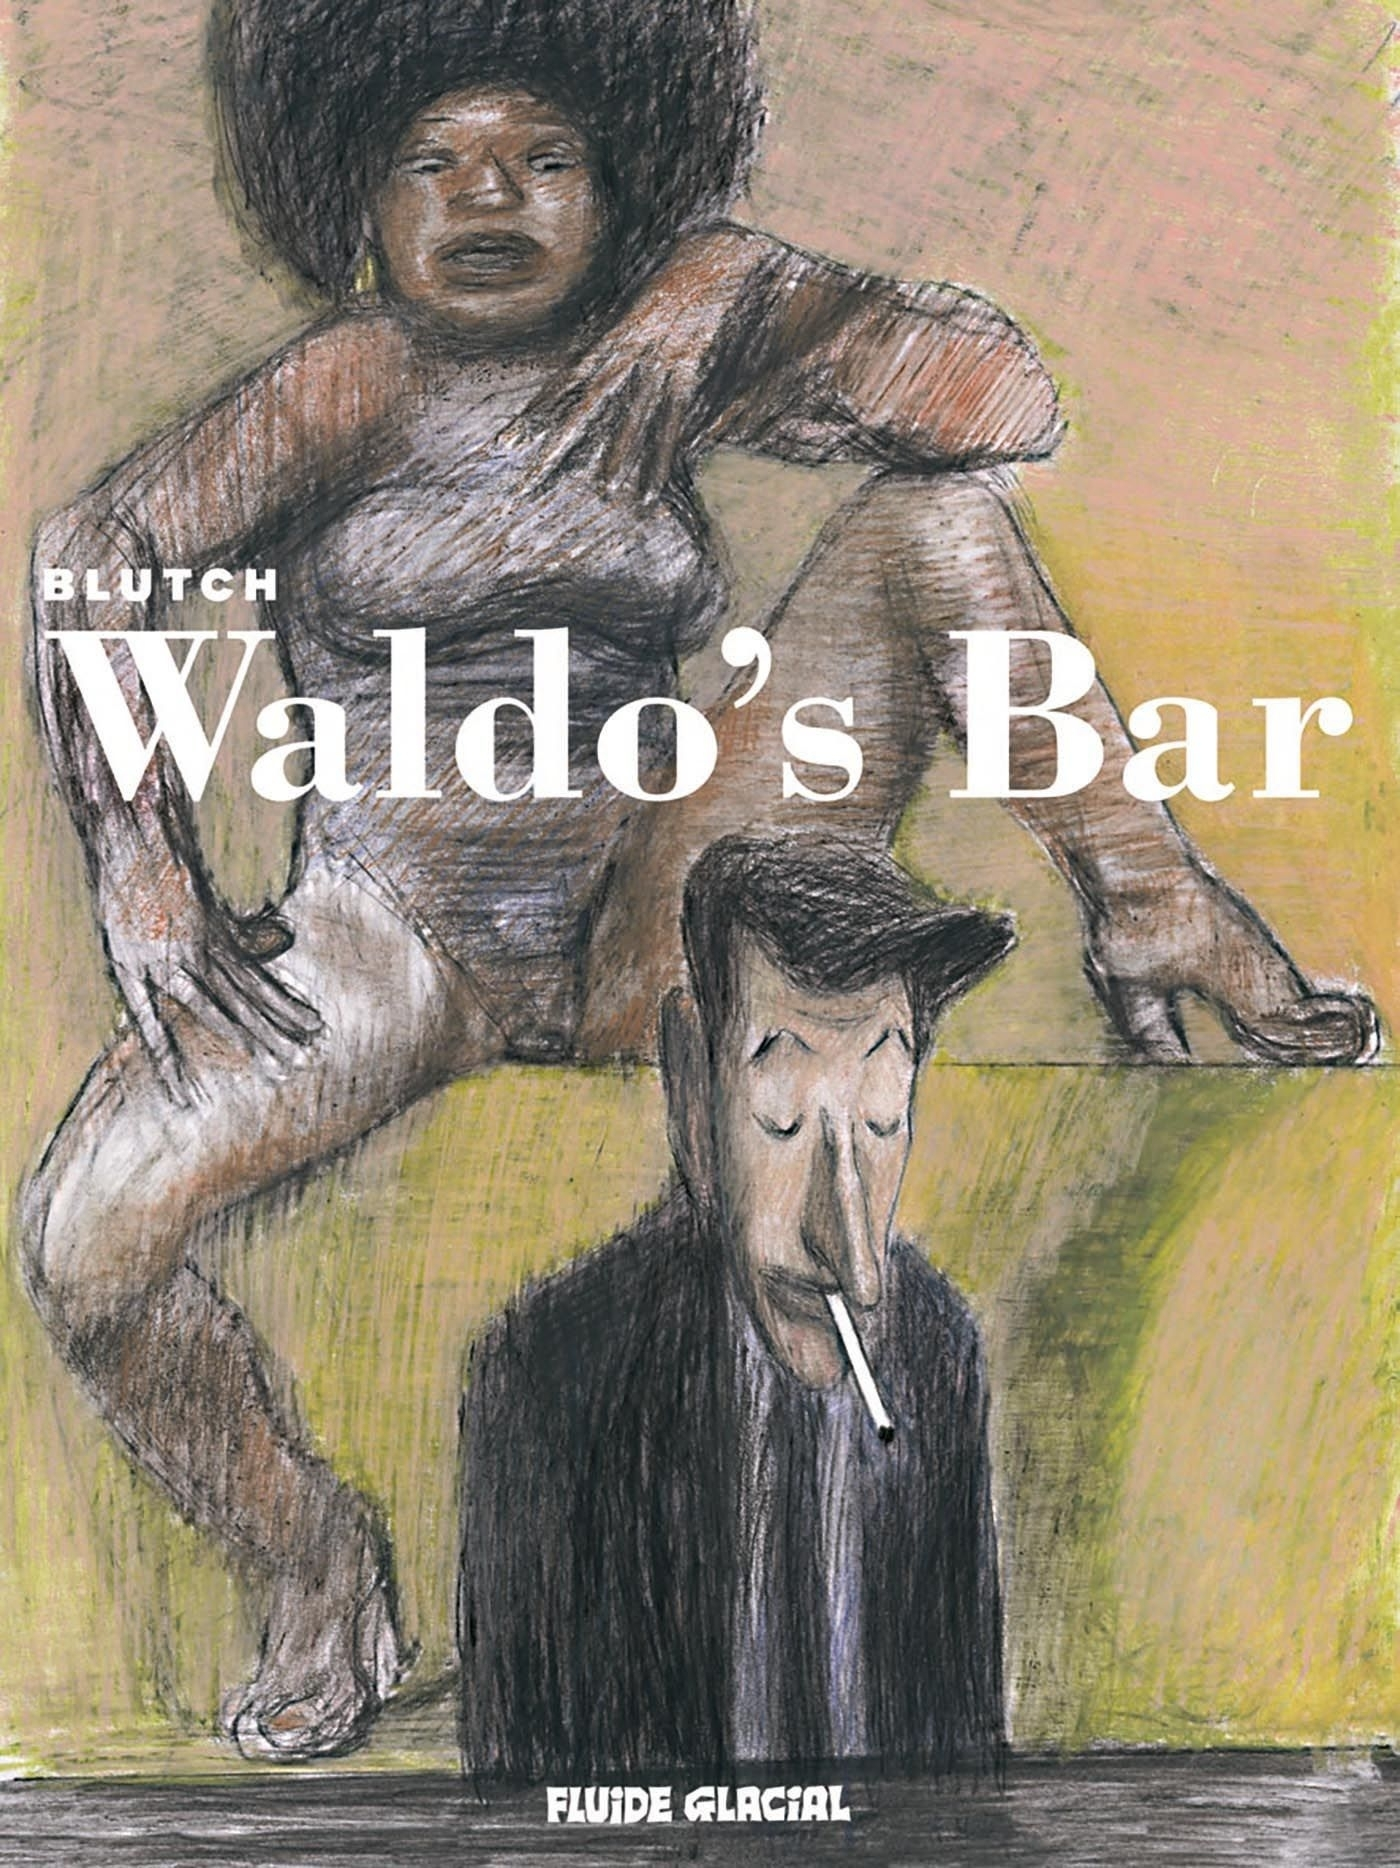 WALDO'S BAR